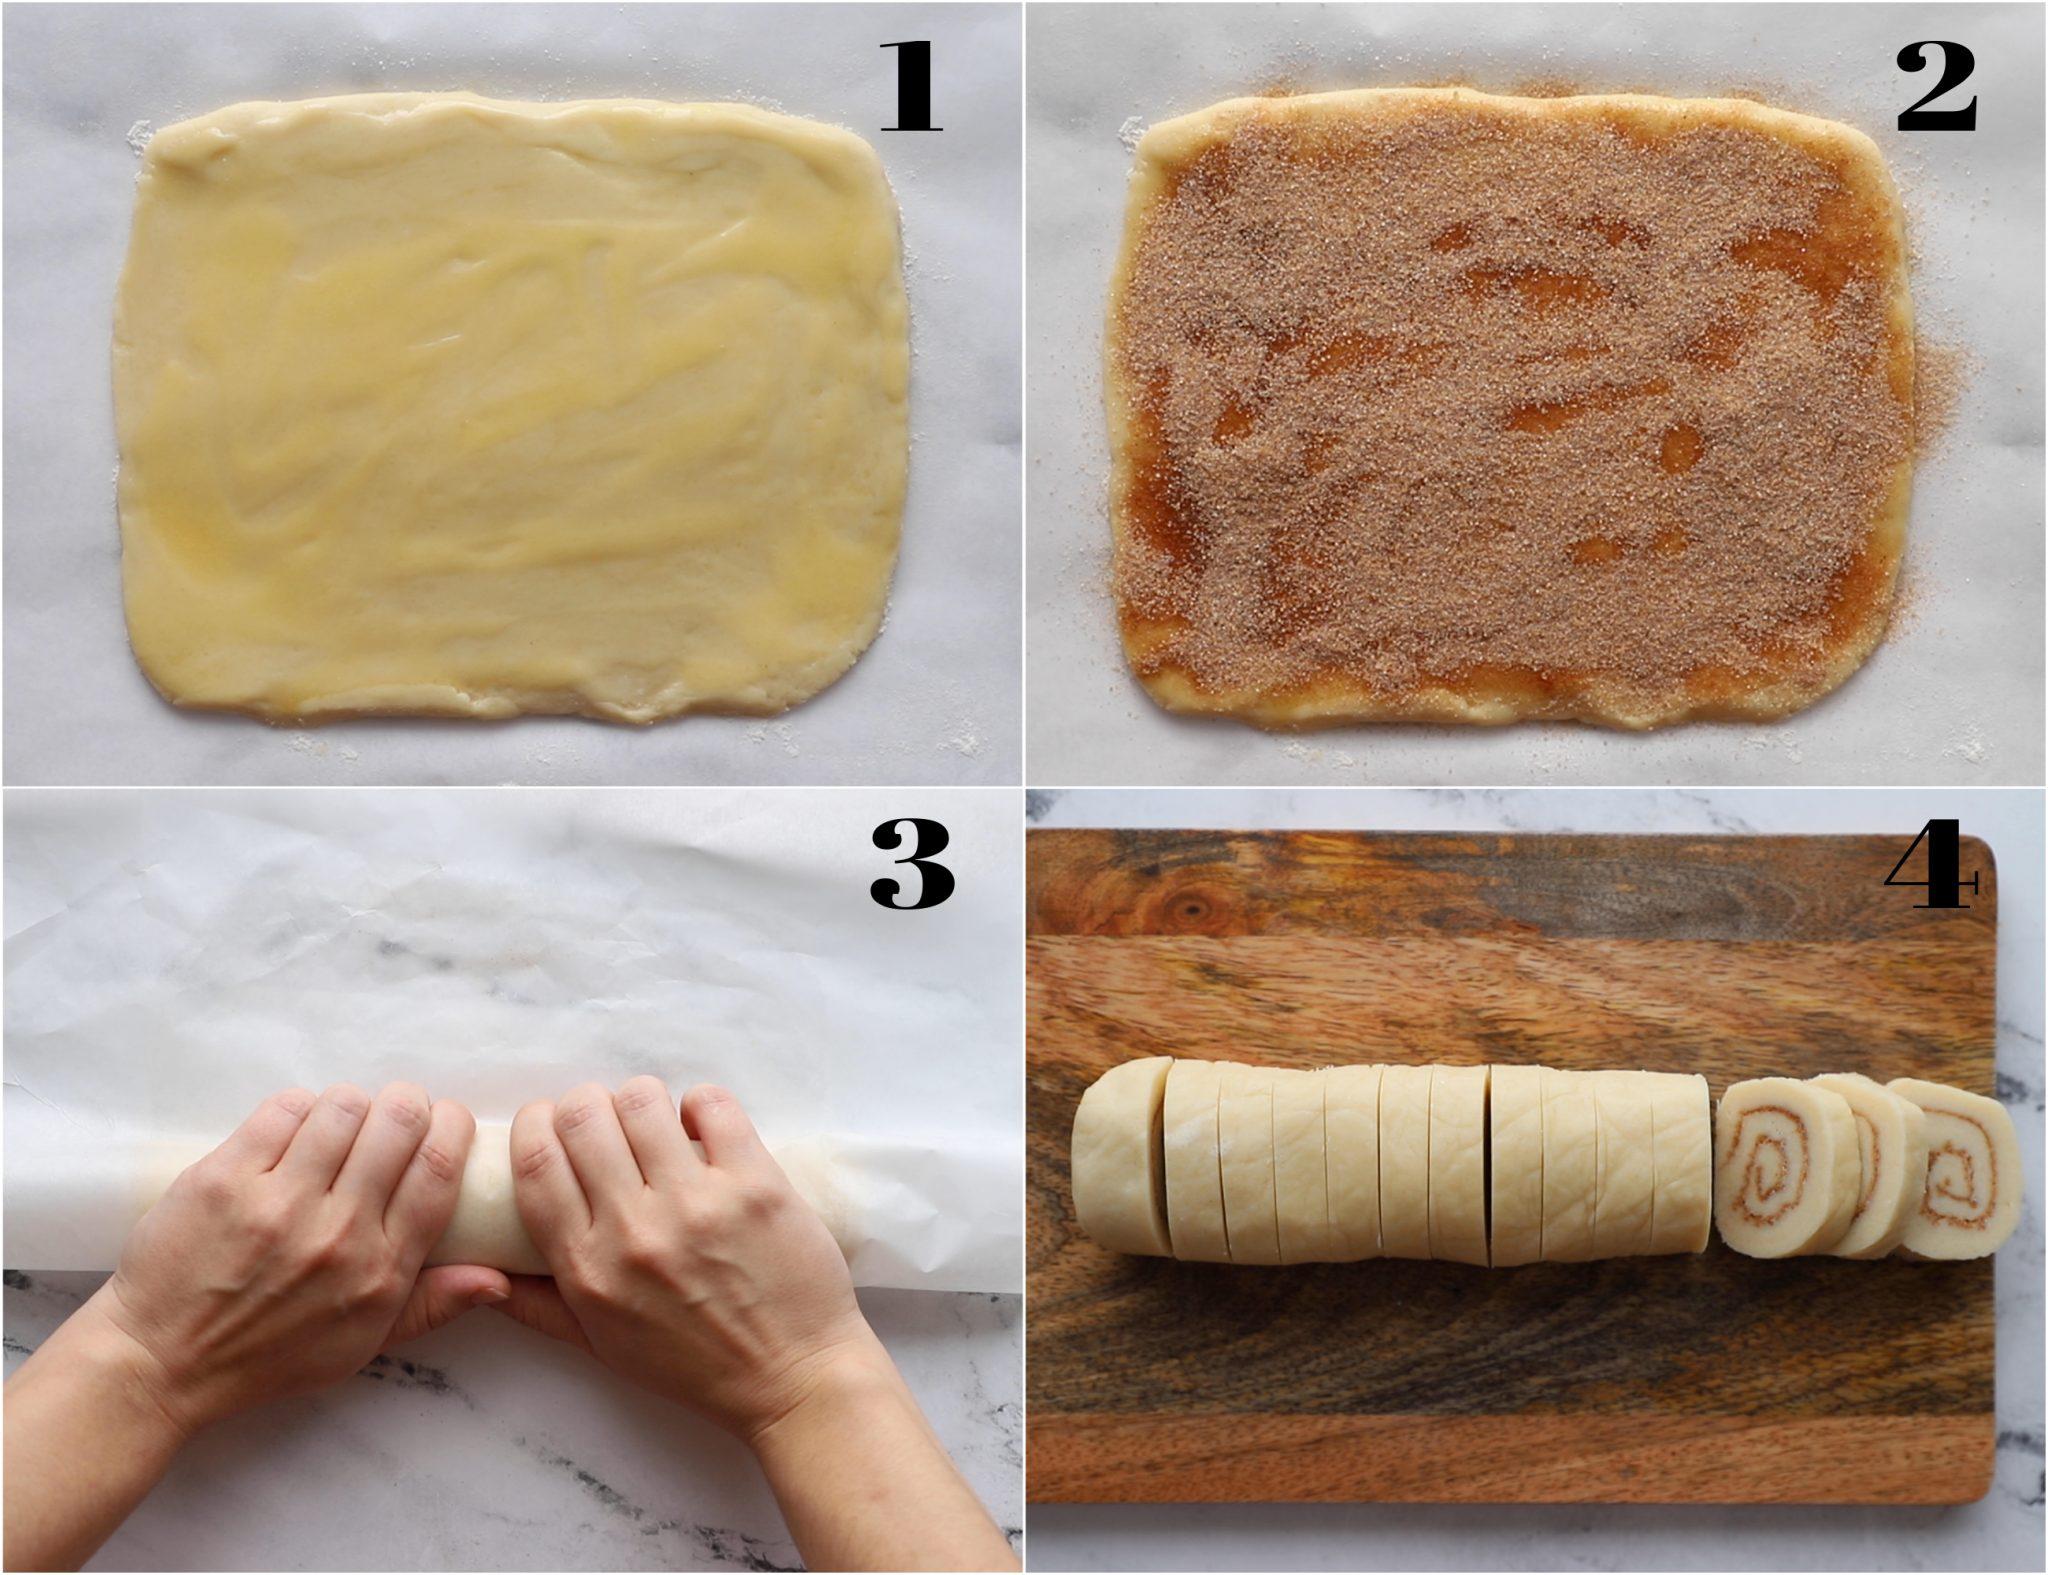 colagem de 4 fotos: 1) massa de biscoitos de açúcar enrolada 2) massa coberta com manteiga e açúcar canela 3) mãos entrando e enrolando a massa 4) rolo de massa de biscoito fatiado em discos